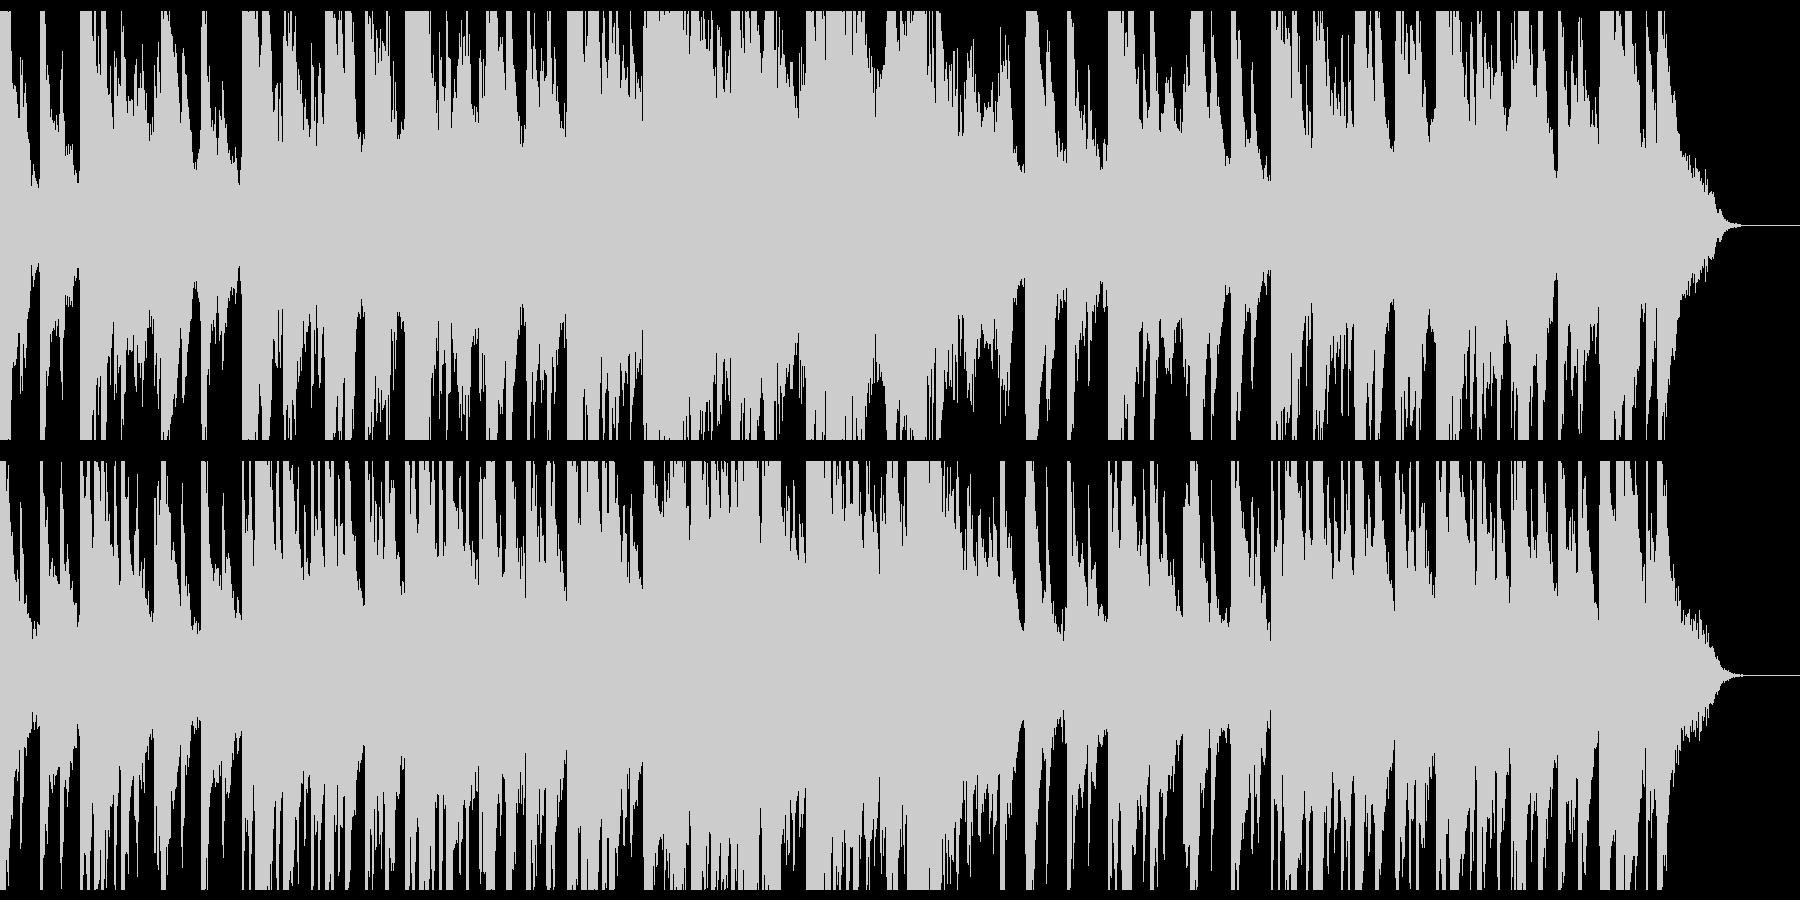 静かな癒しのピアノとシンセサイザーの未再生の波形